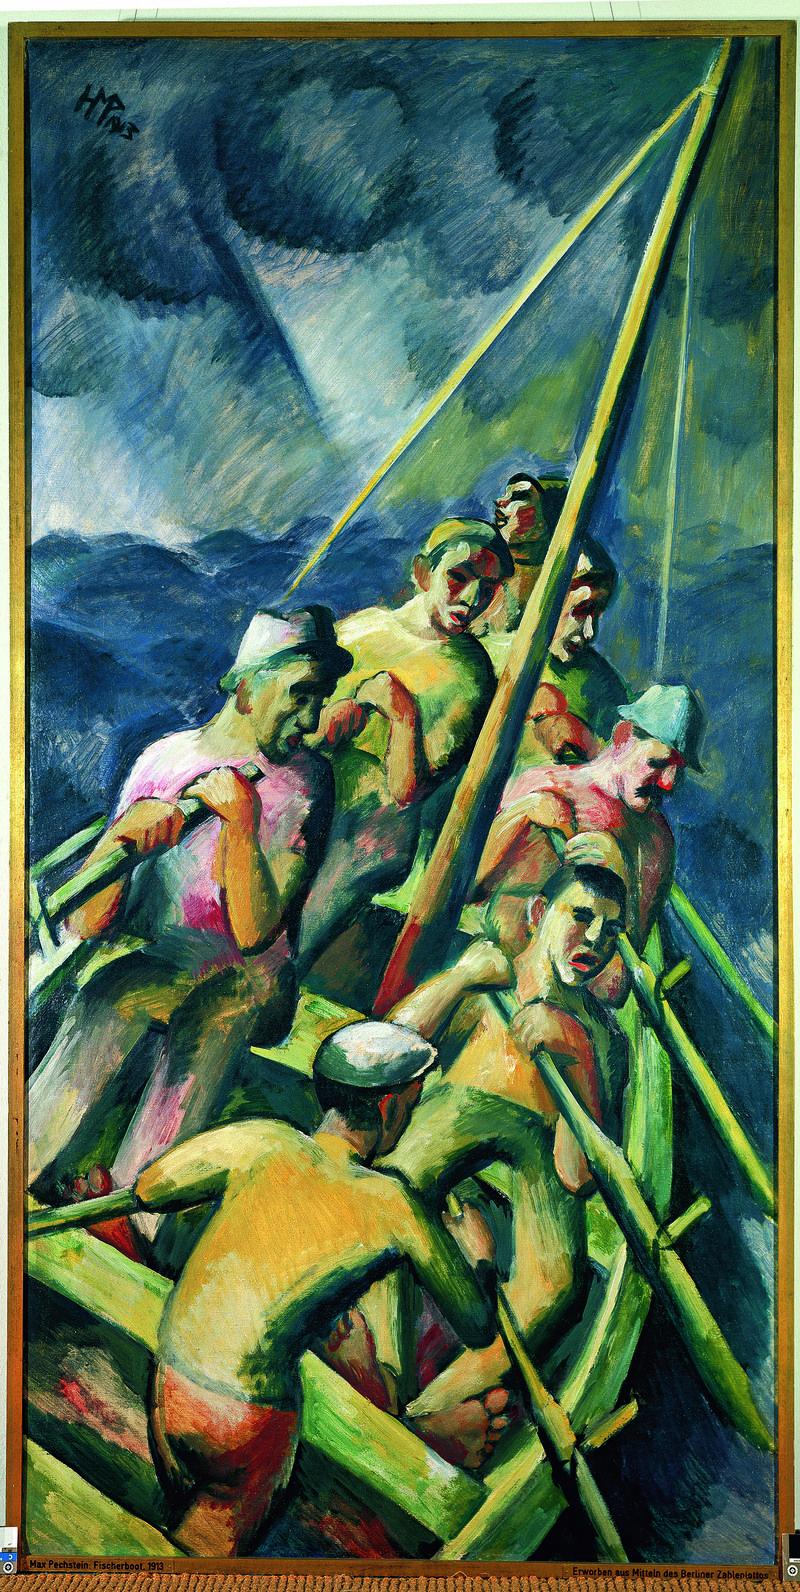 Fischerboot, Max Pechstein, 1913